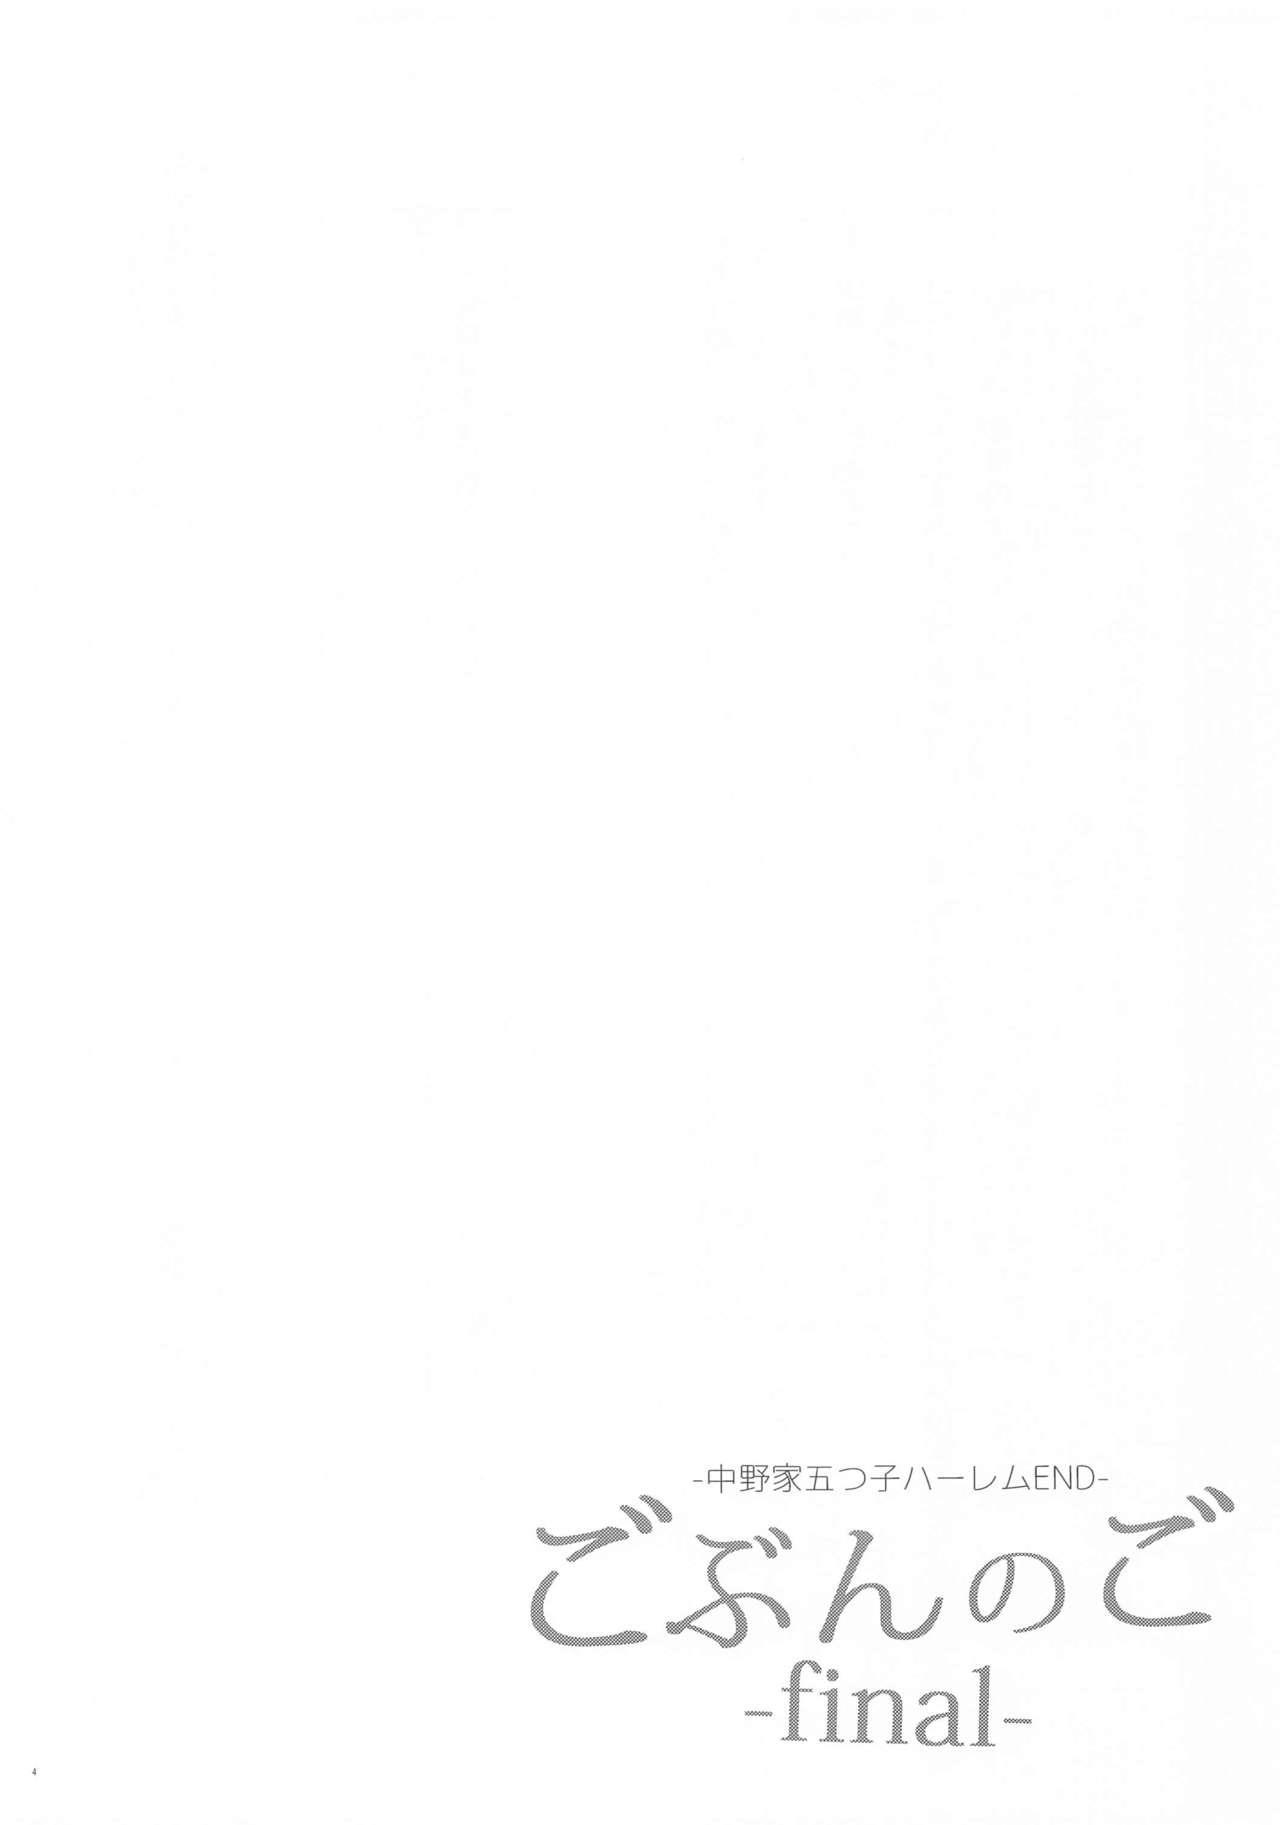 [Samurai Ninja GREENTEA] Gobun no Go -final- -Nakano-ke Itsutsugo Harem END- (Gotoubun no Hanayome) 2